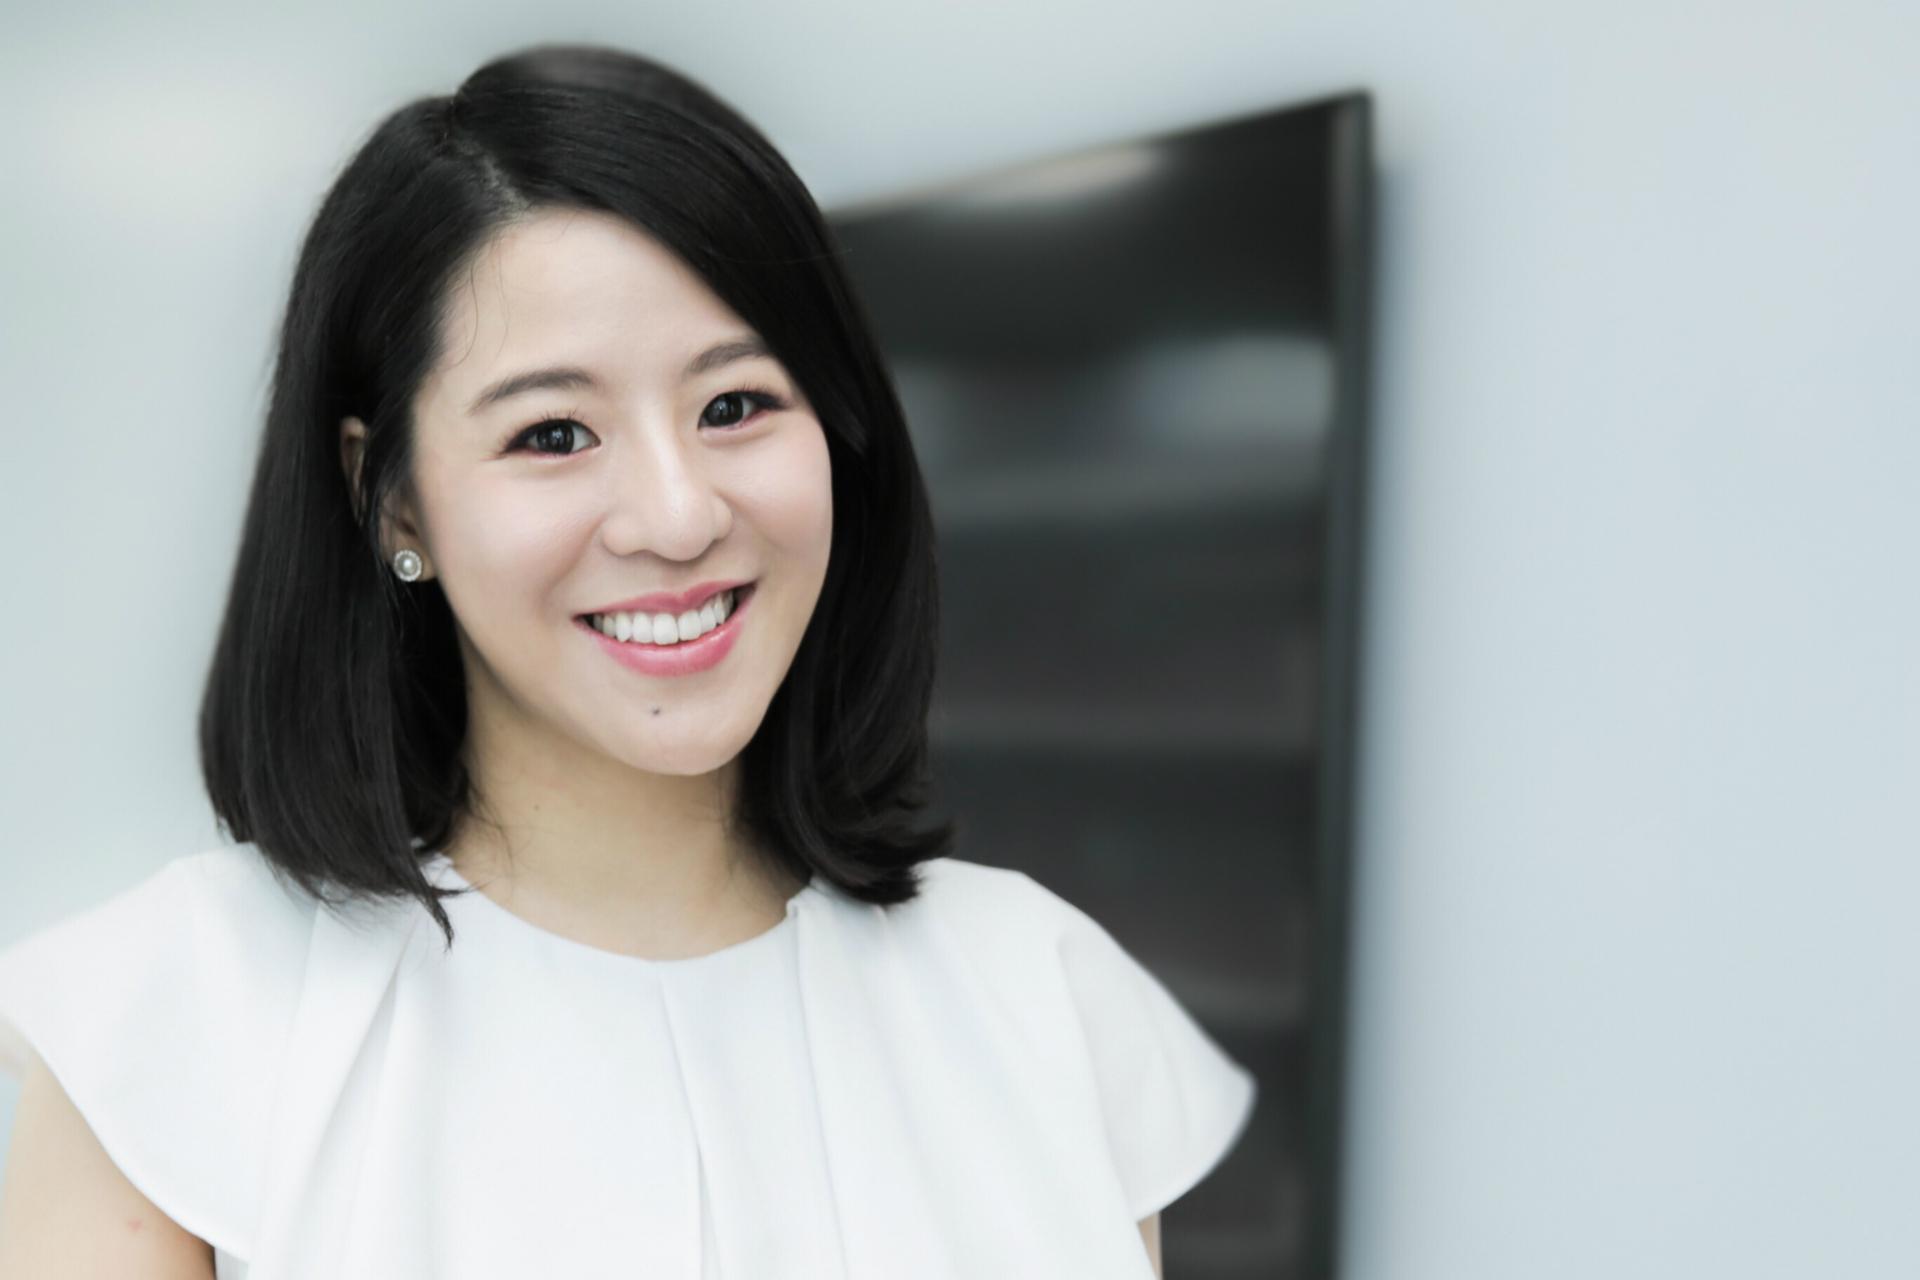 在國外求職被拒、文化不適應?妳要從堅定自己的心做起 – 日本 IBM marketing solution consultant, Melody Lin